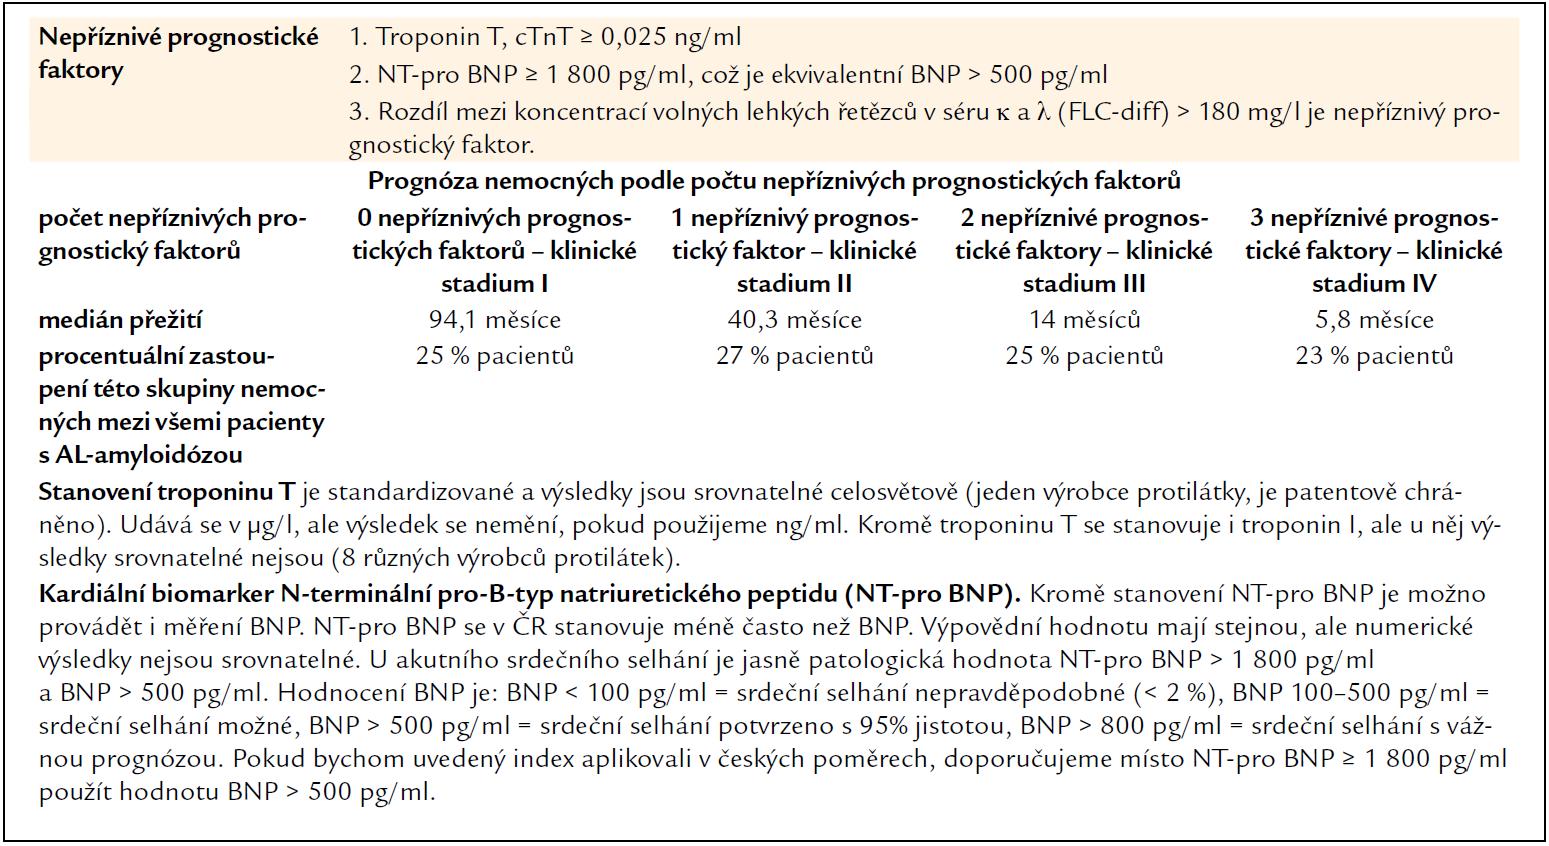 Prognostický skórovací systém pro všechny pacienty s AL-amyloidózou z roku 2012 [15] odráží skutečnost, že délka života všech pacientů s AL-amyloidózou je odvislá od míry poškození myokardu. Osoby, které mají poškozeny depozity AL-amyloidu jiné orgány než srdce, žijí podstatně déle než nemocní se závažným poškozením srdce. Míru poškození srdce lze dokumentovat i kvantifikovat pomocí zobrazovacích vyšetření, ale pro obecně platný prognostický index je vhodnější použít dobře dostupná a standardizovaná biochemická vyšetření troponinu-T (jako ukazatele poruchy integrity myocytu) a BNP (brain natriuretický peptid) jako humorálního ukazatele dysfunkce především levé komory. Třetím faktorem, od něhož se odvozuje prognóza, je výška koncentrace amyloidotvorných lehkých řetězců. Pro tento účel je použit rozdíl mezi koncentracemi volných lehkých řetězců κ a λ. Když je tento rozdíl větší než 180 mg/l, je to považováno za nepříznivý faktor.